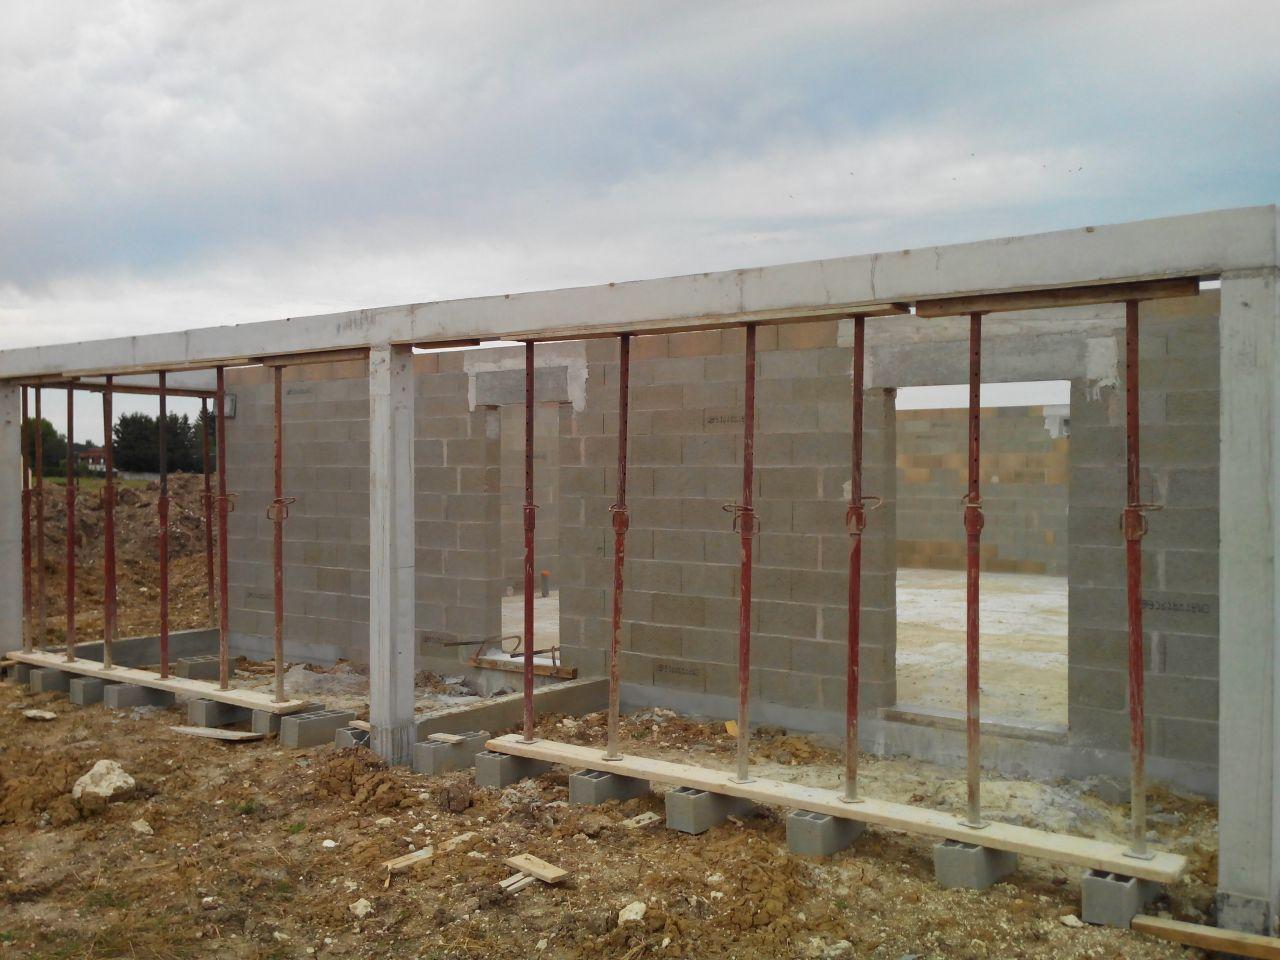 Et notre avancée de toit/terrasse couverte prend forme !